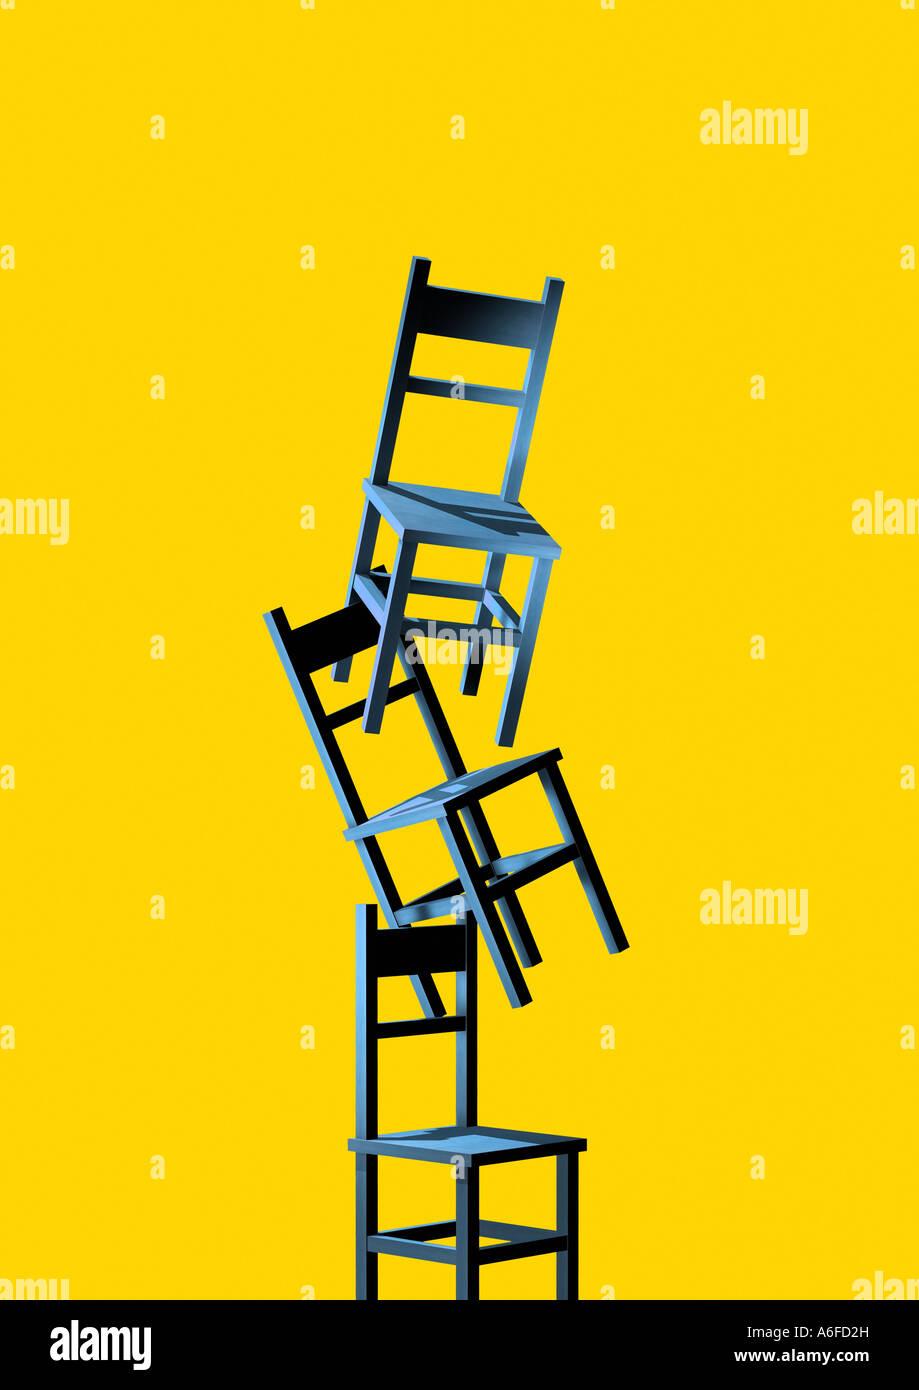 sillas Stuehle Imagen De Stock